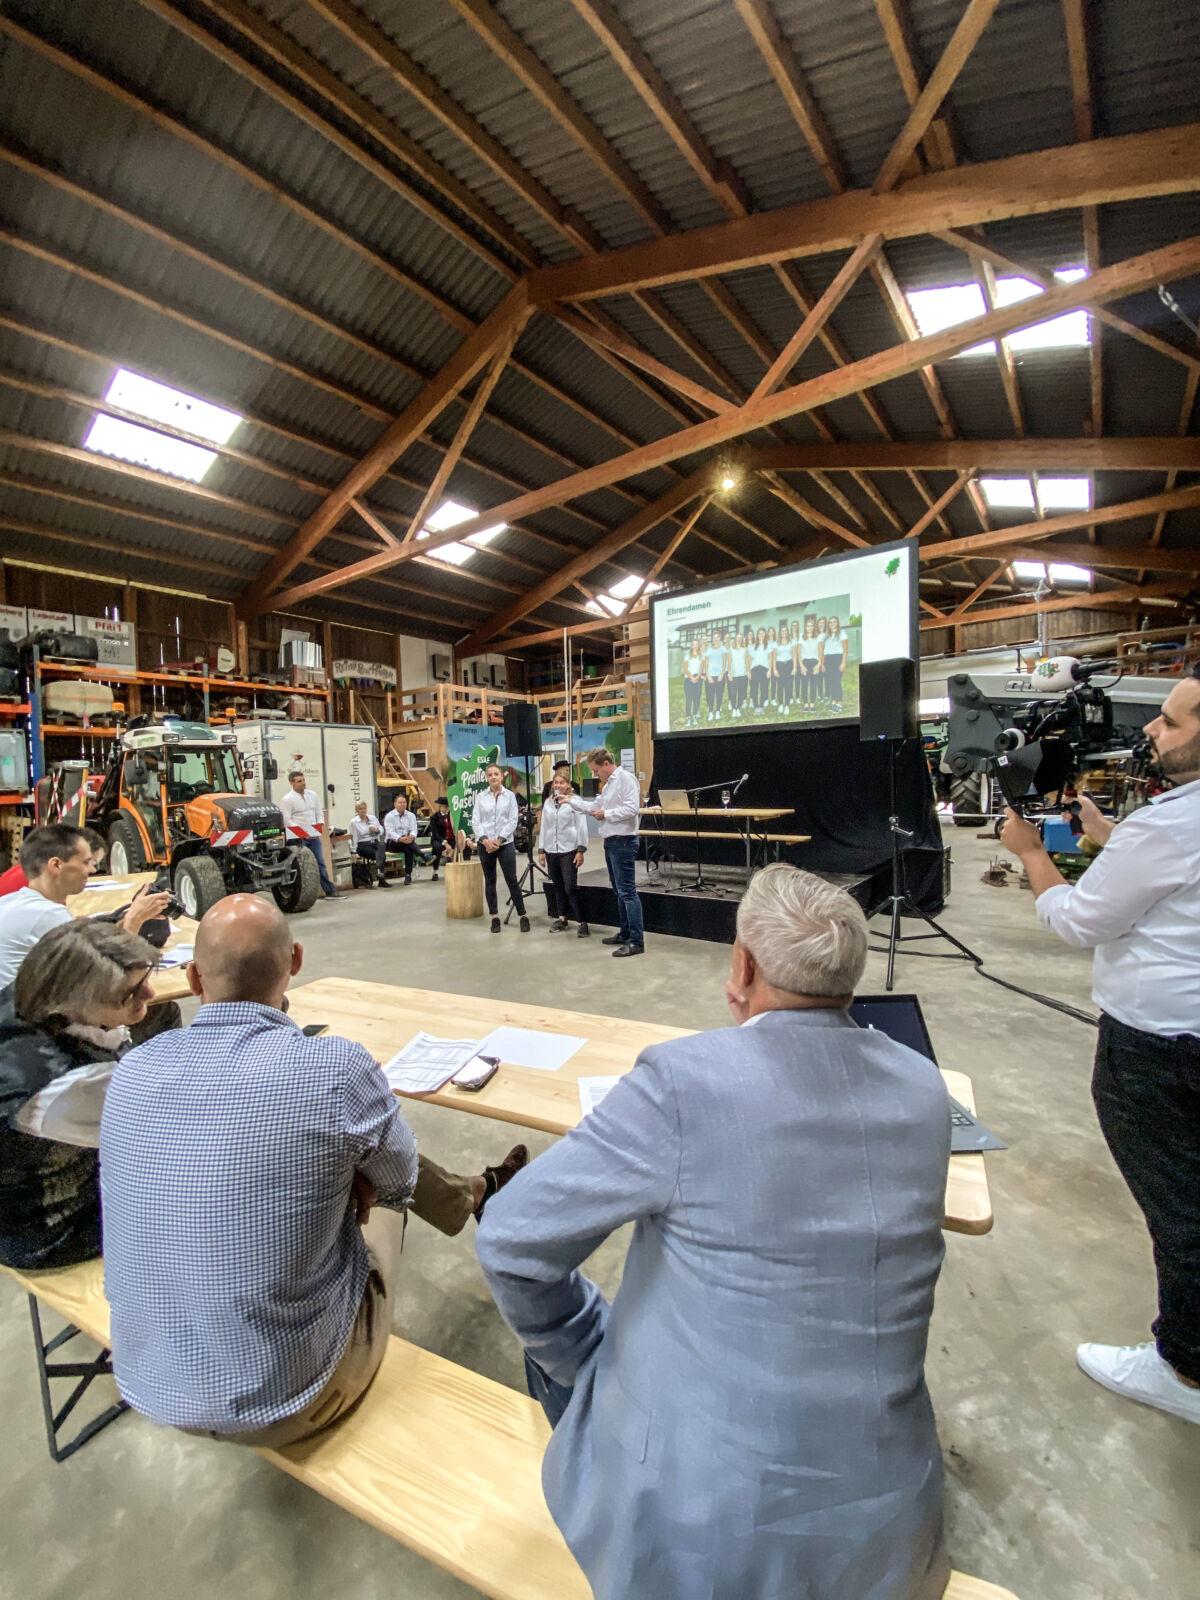 2 Jahre vor dem ESAF Pratteln im Baselbiet    | Eidgenössisches Schwing- und Älplerfest Pratteln im Baselbiet | ESAF 2022